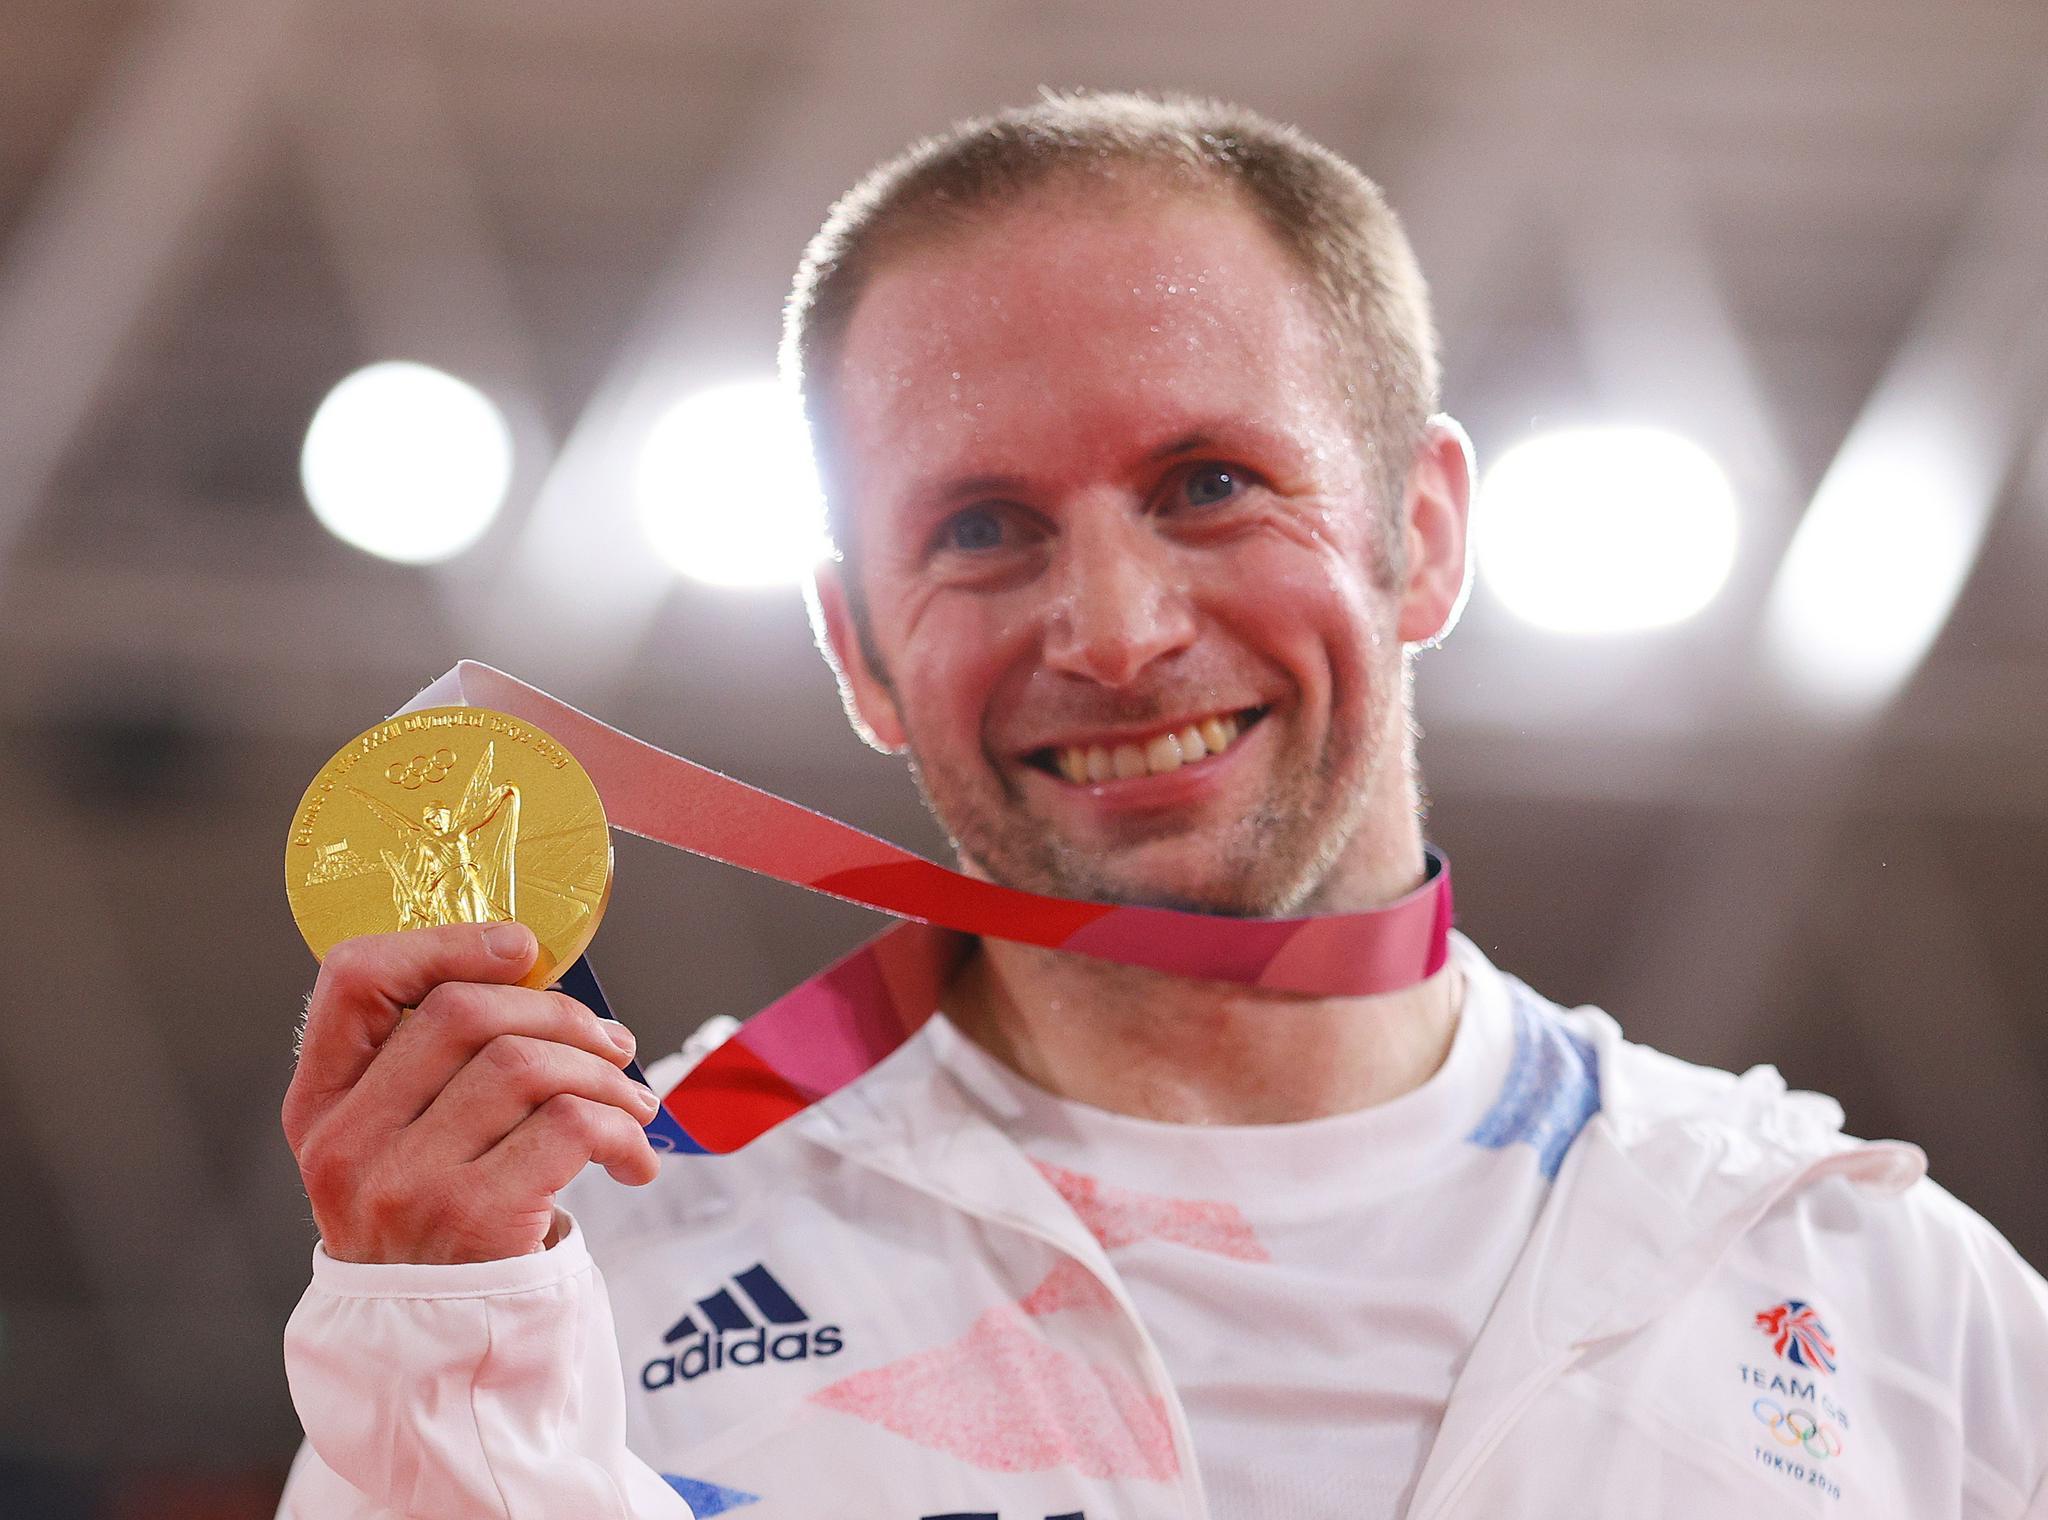 【博狗体育】12金3银!这是奥运会历史上拿奖牌最多的夫妻